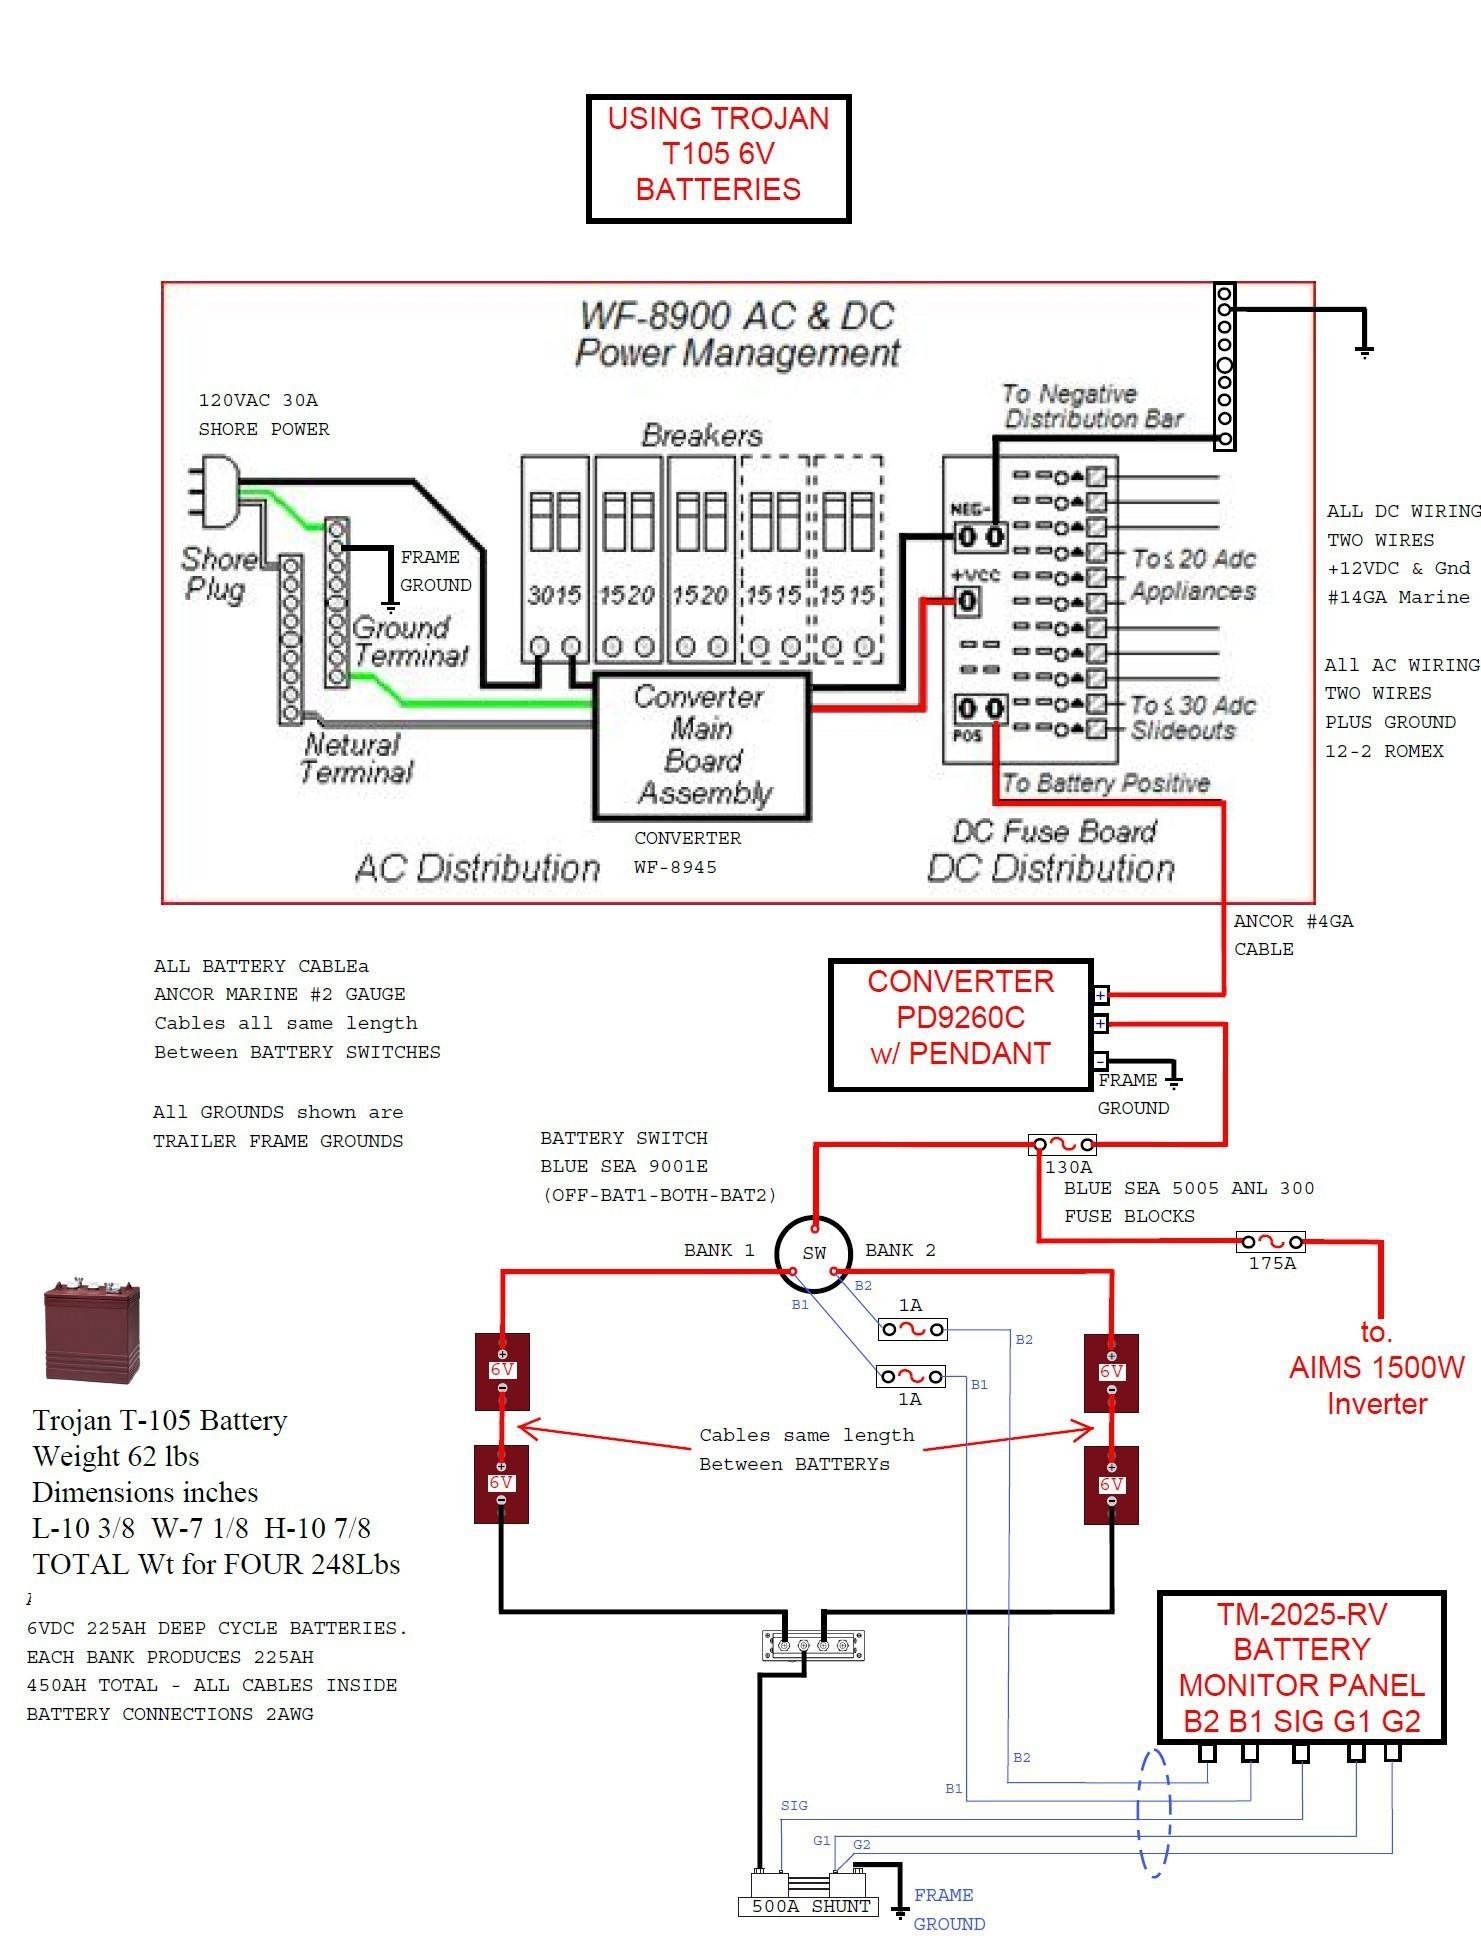 Kib Systems Monitor Panel Schematic Kib Rv Monitor Panel Wiring Diagram Wiring Diagram Schematic